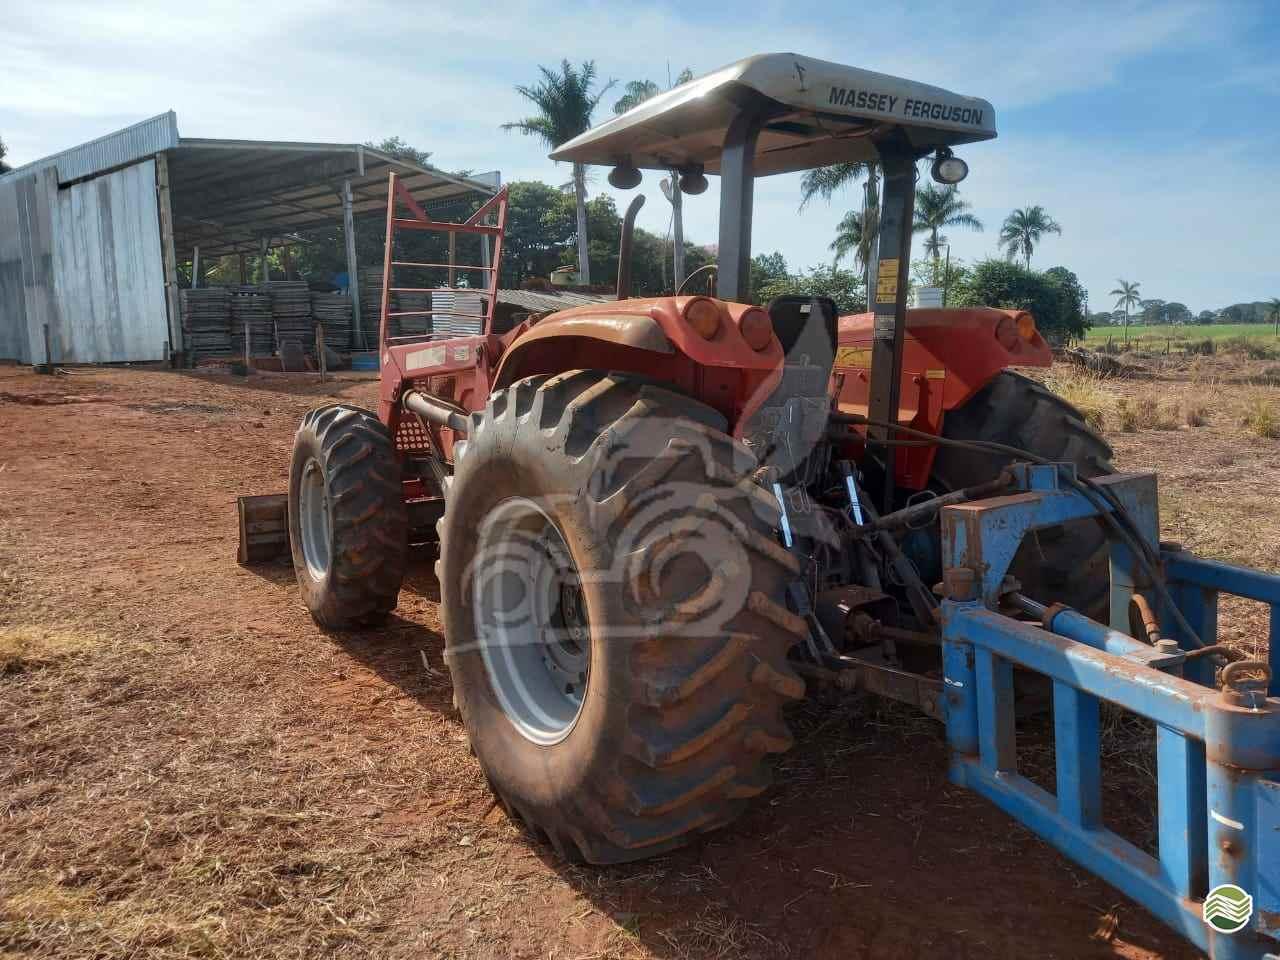 TRATOR MASSEY FERGUSON MF 4292 Tração 4x4 EP Máquinas e Implementos Agrícolas CRISTALINA GOIAS GO